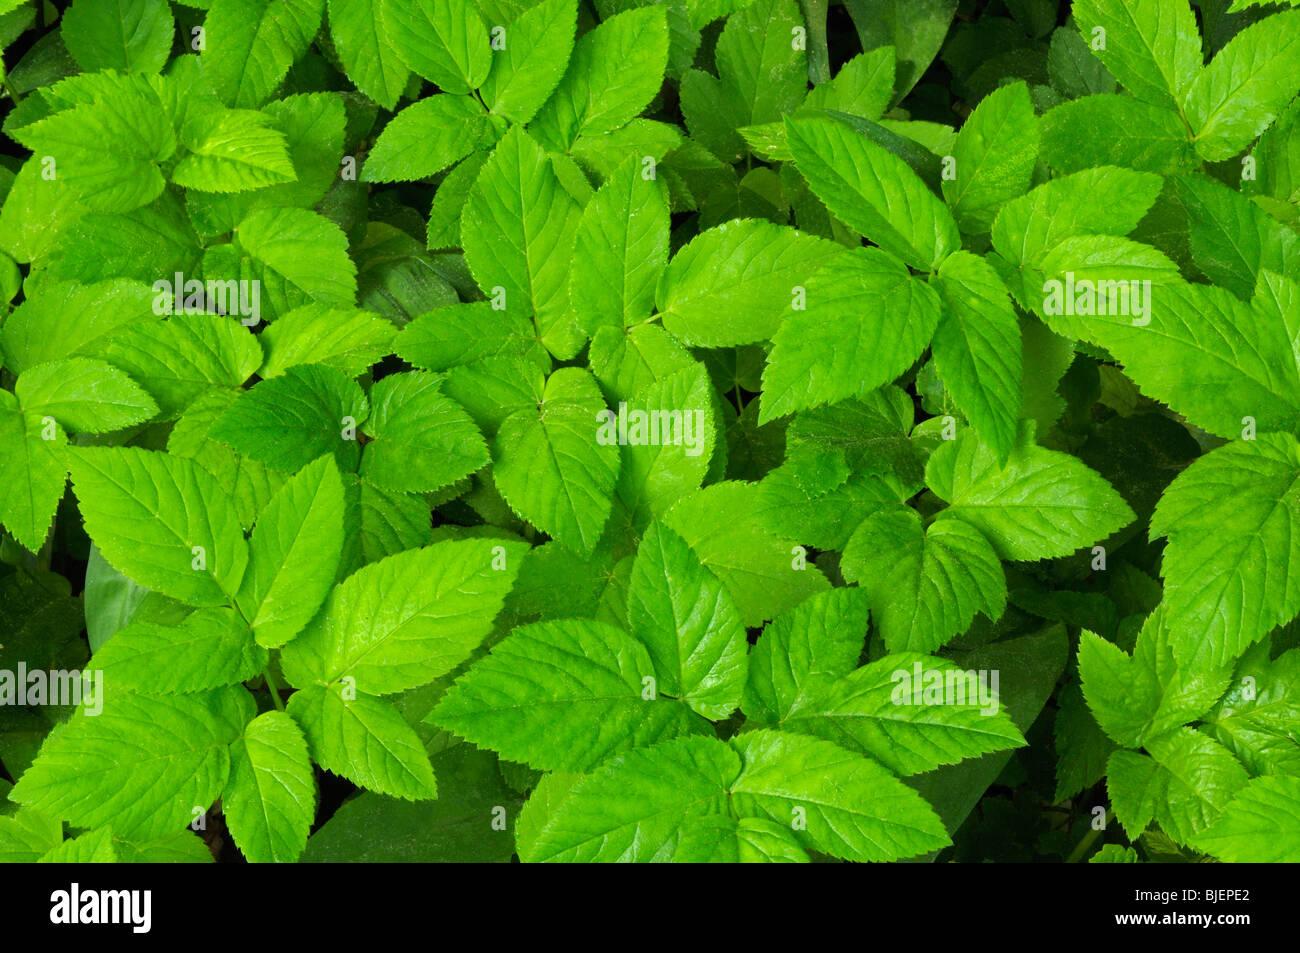 Tierra Aegopodium podagraria elder (hojas), visto desde arriba. Imagen De Stock